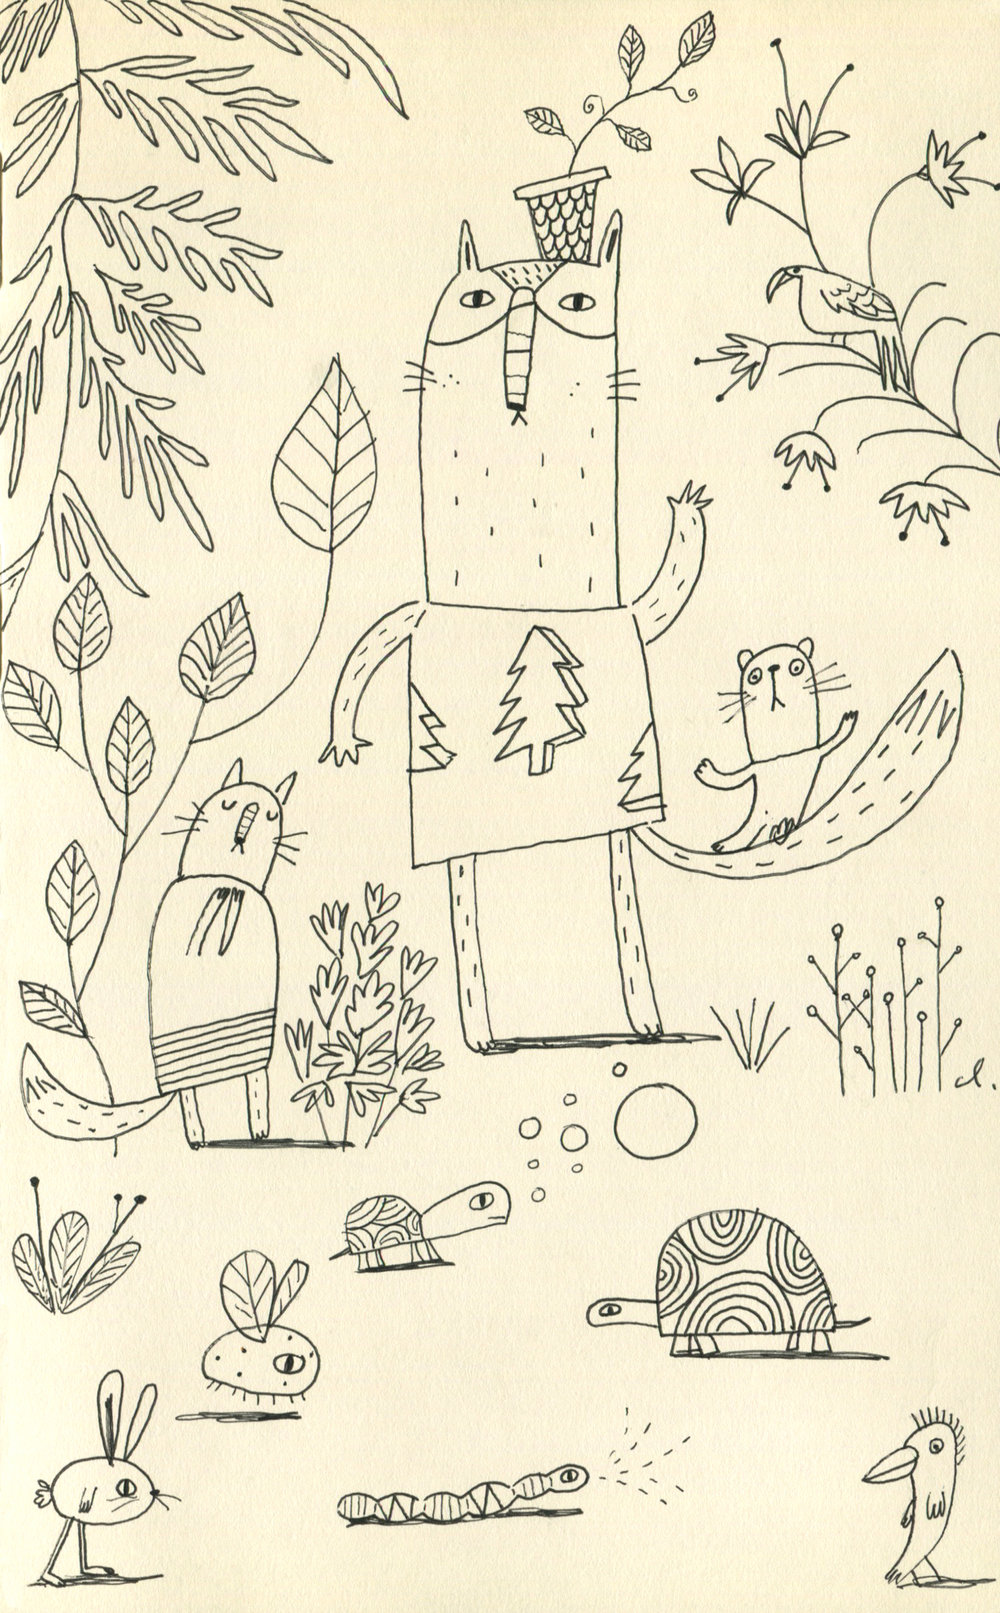 sketchwebsitejpg.jpg